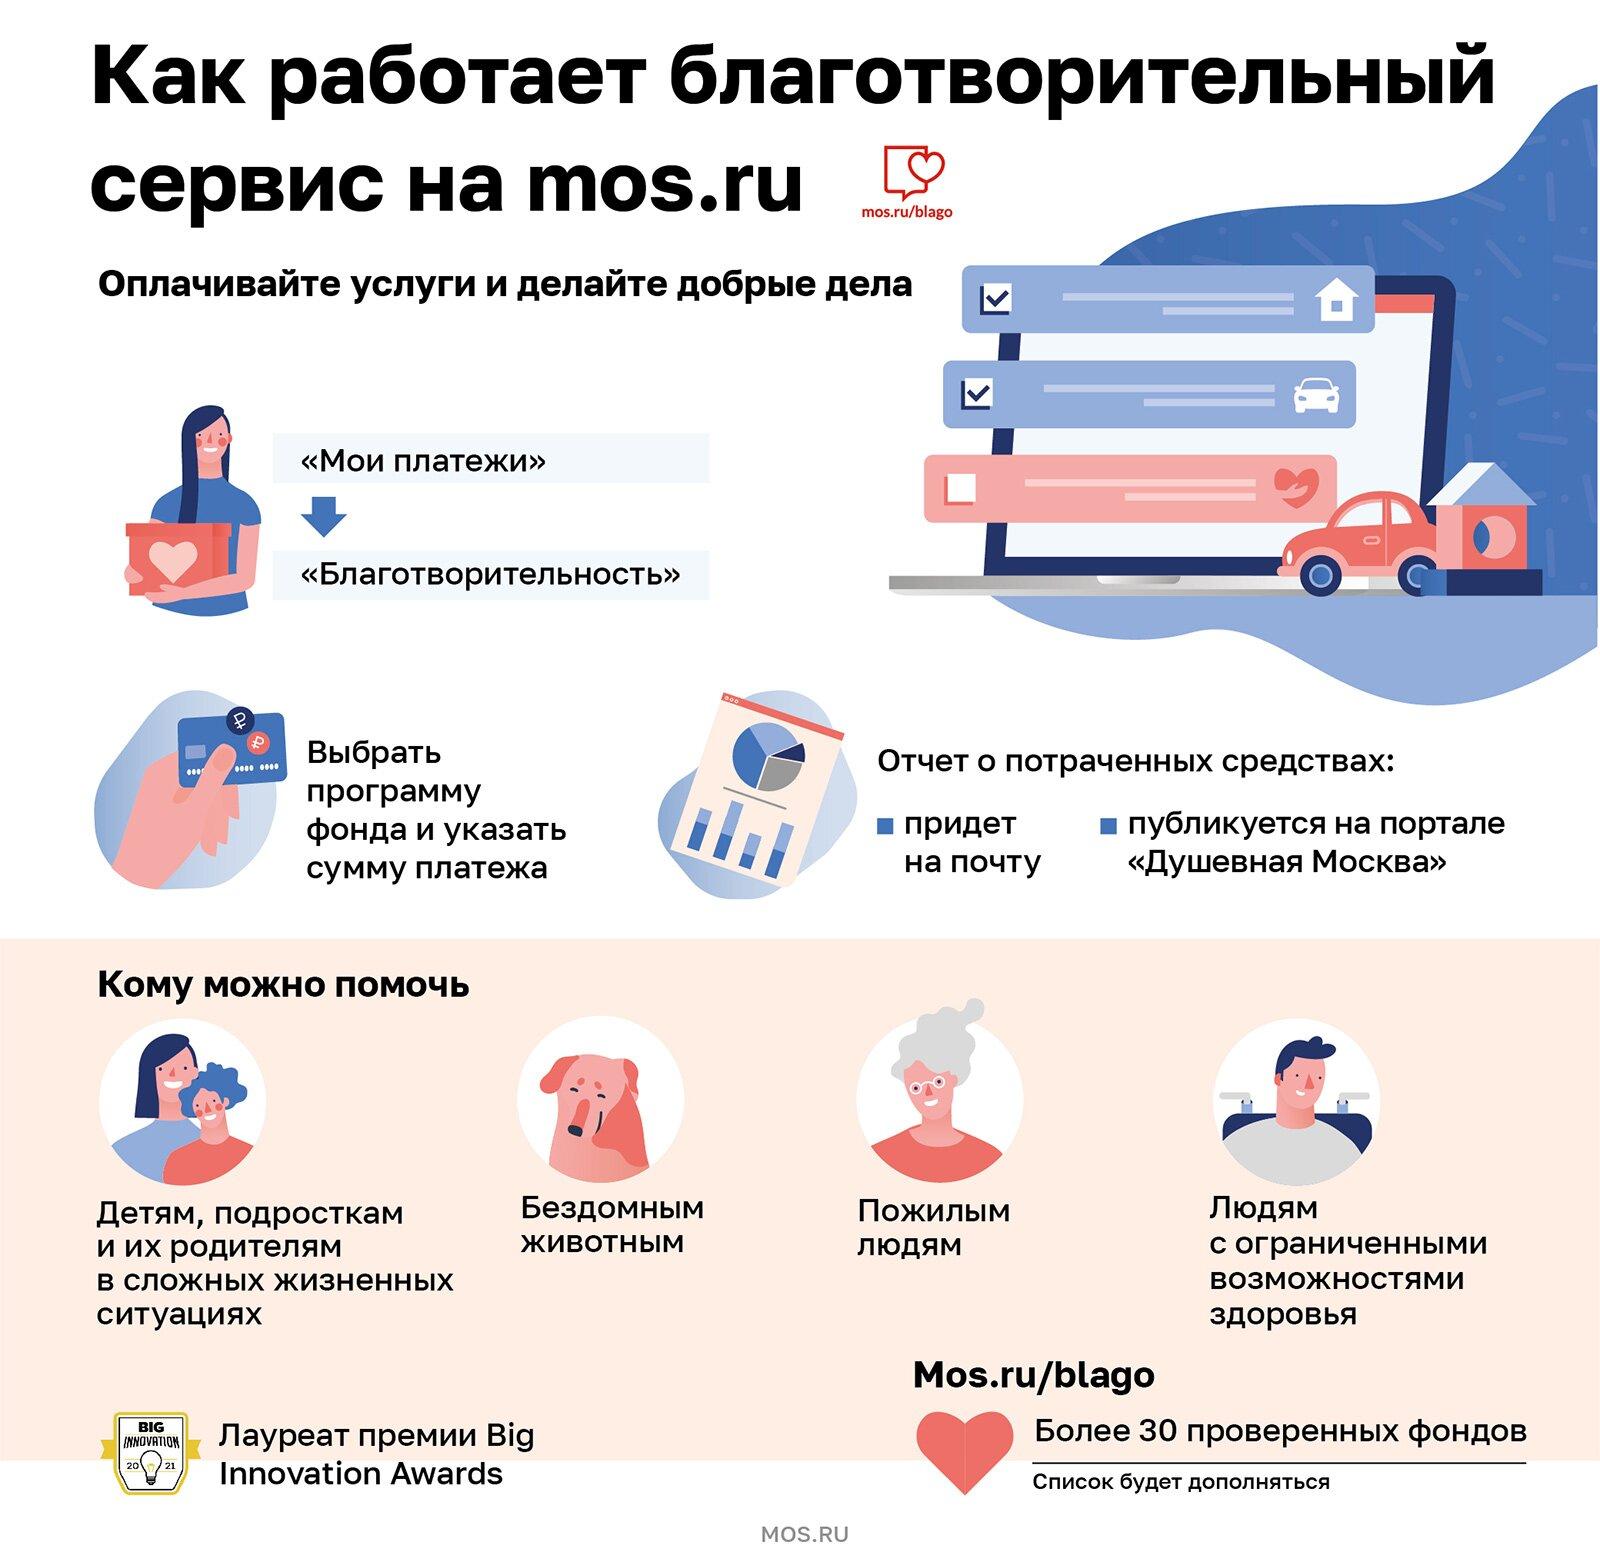 Москвичи пожертвовали более 3,3 миллиона рублей с помощью благотворительного сервиса на mos.ru